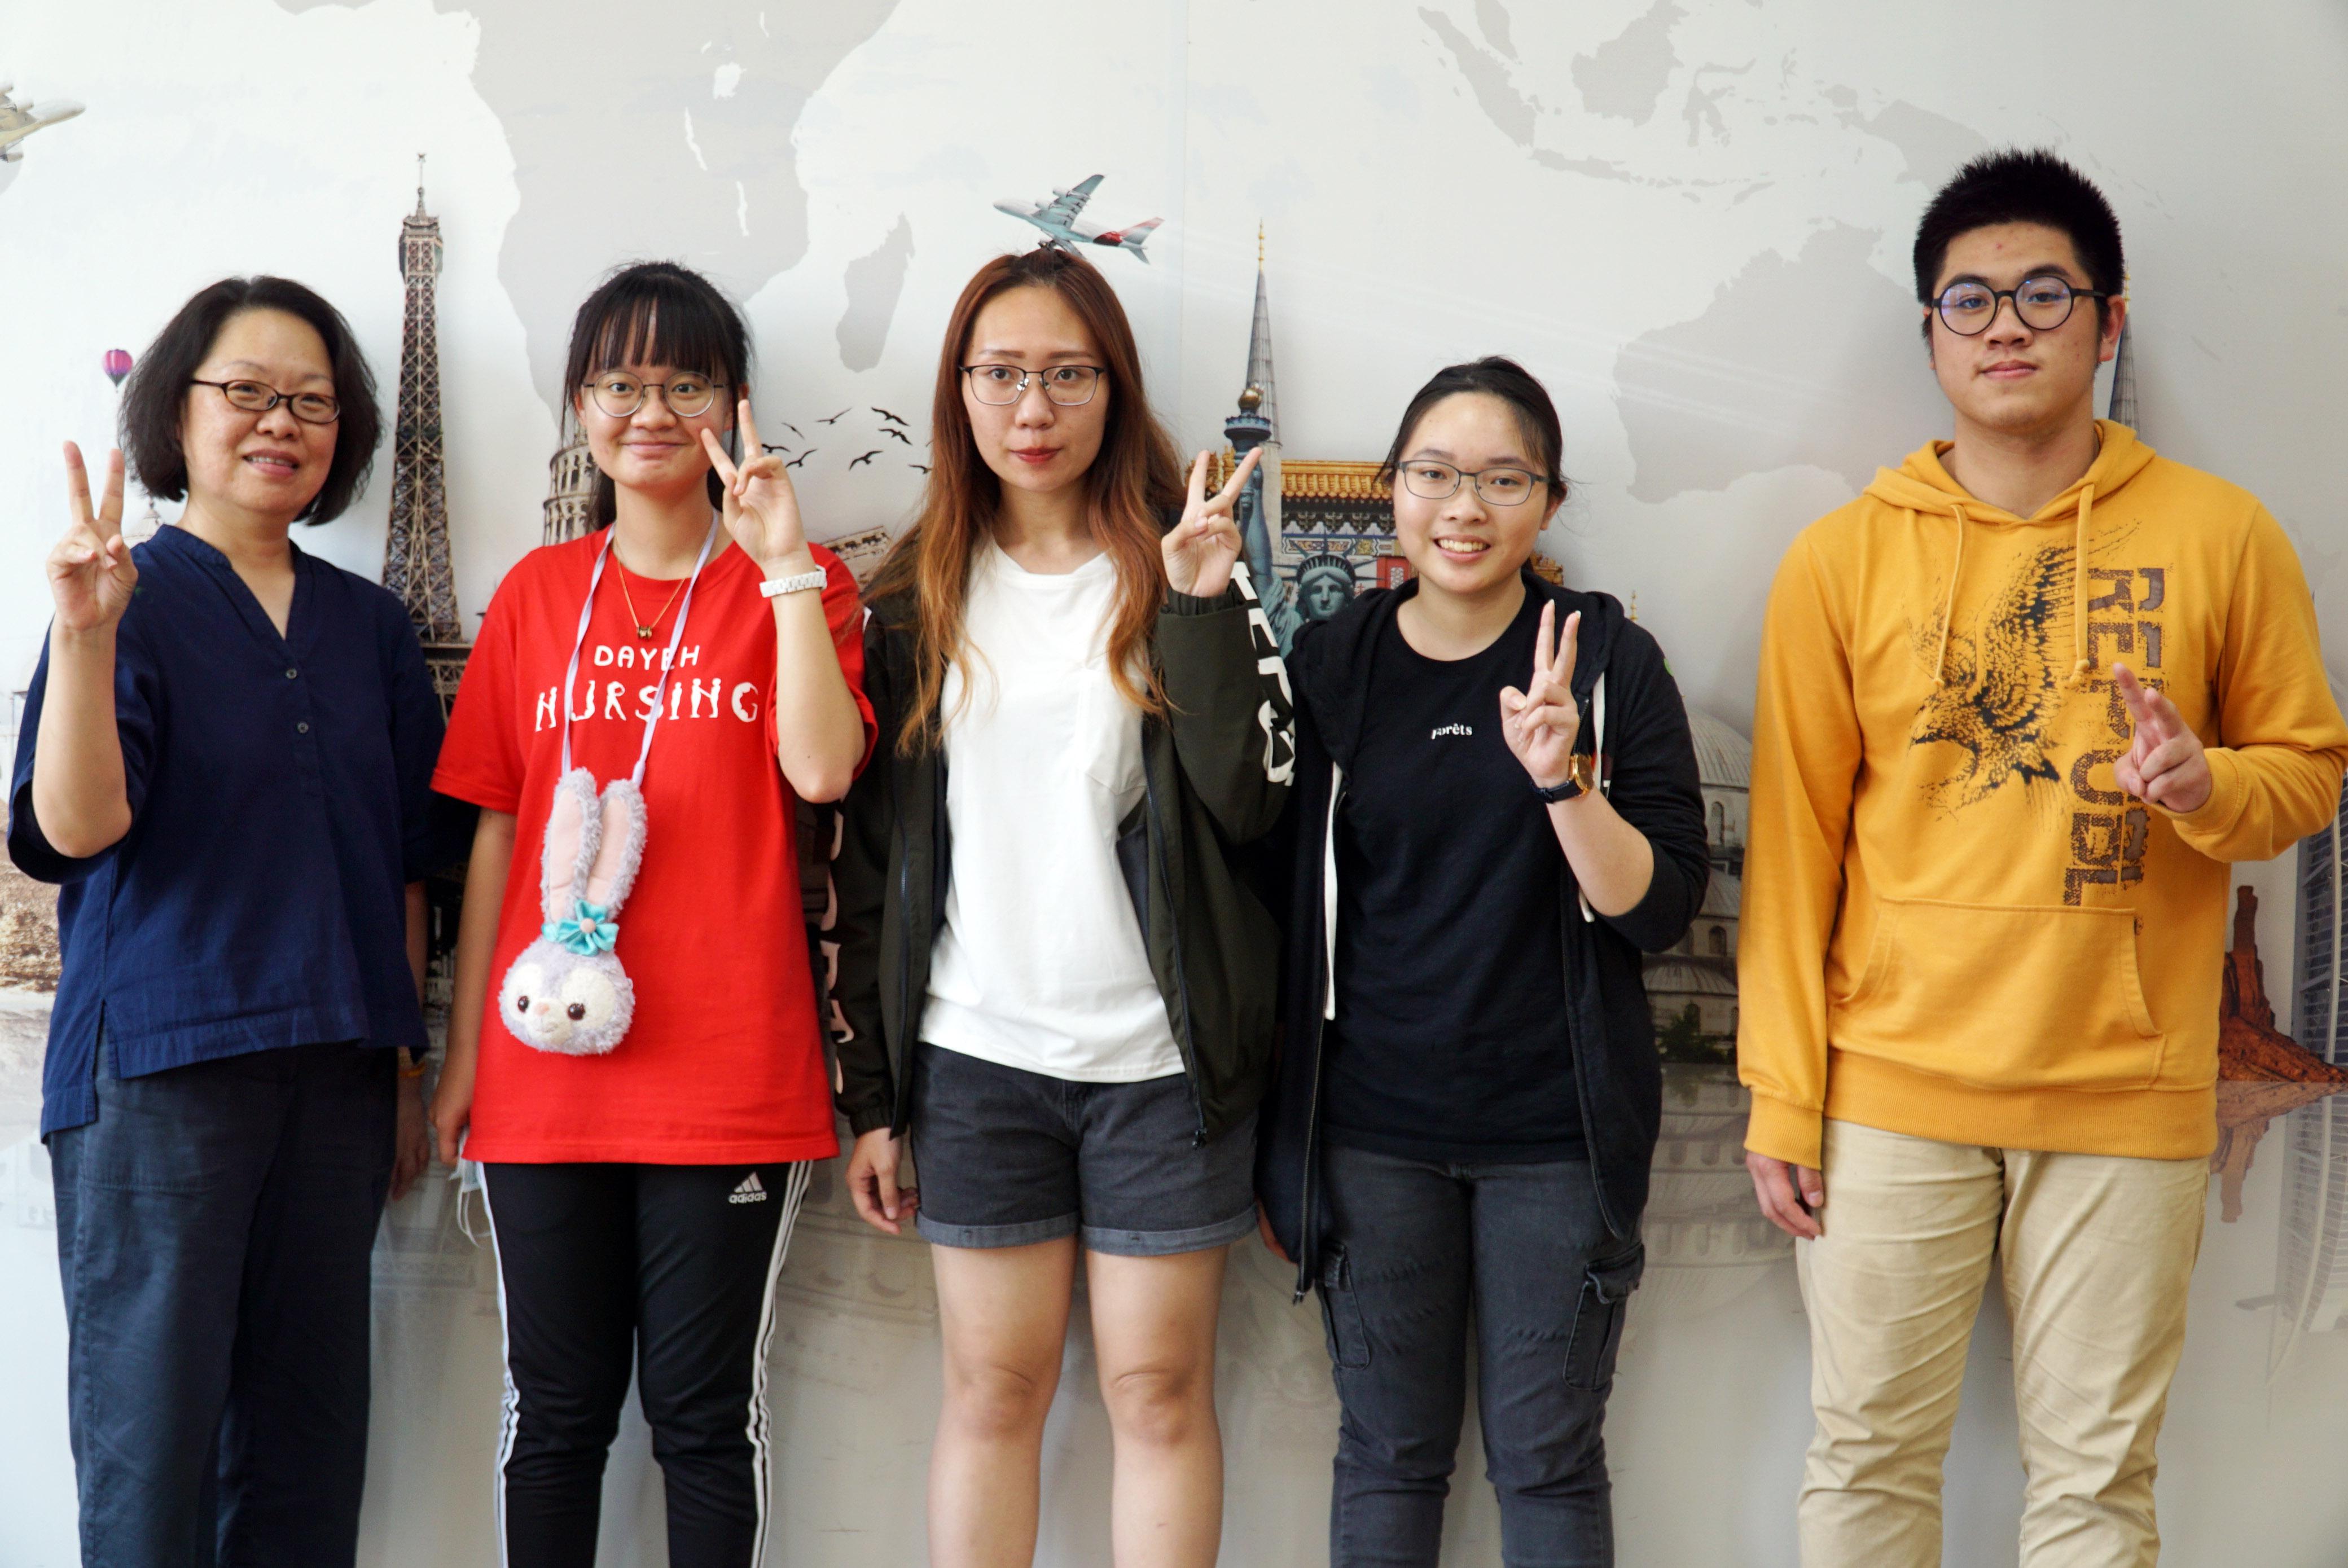 語言學習結合社會議題  大葉大學獲教育部教學實踐研究計畫獎助-大葉大學